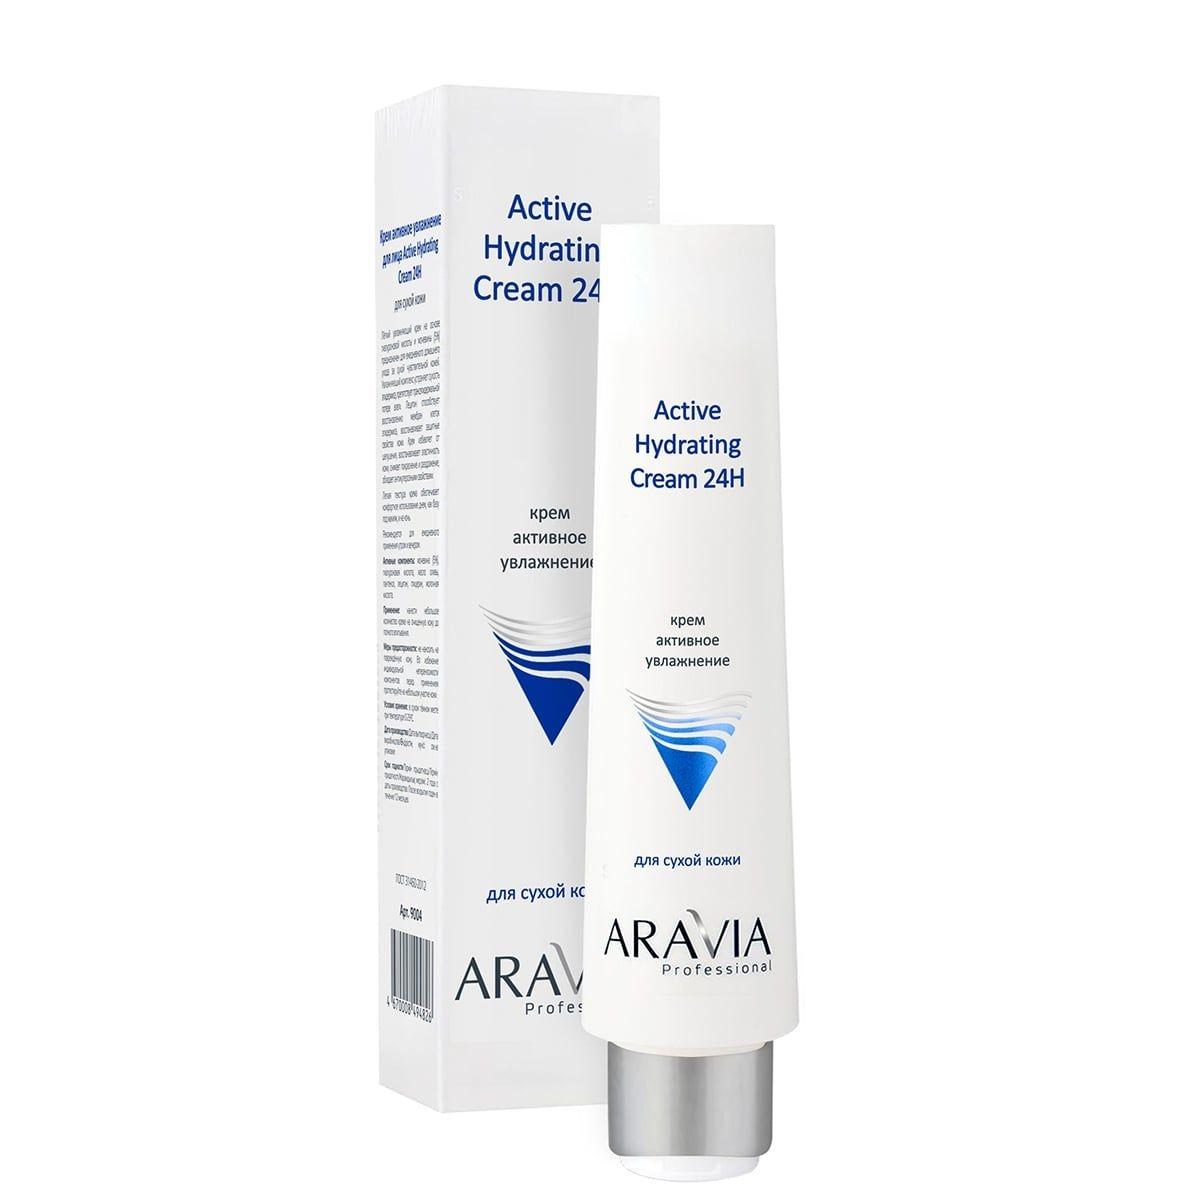 ARAVIA Крем Active Hydrating Cream 24H для Лица Активное Увлажнение, 100 мл